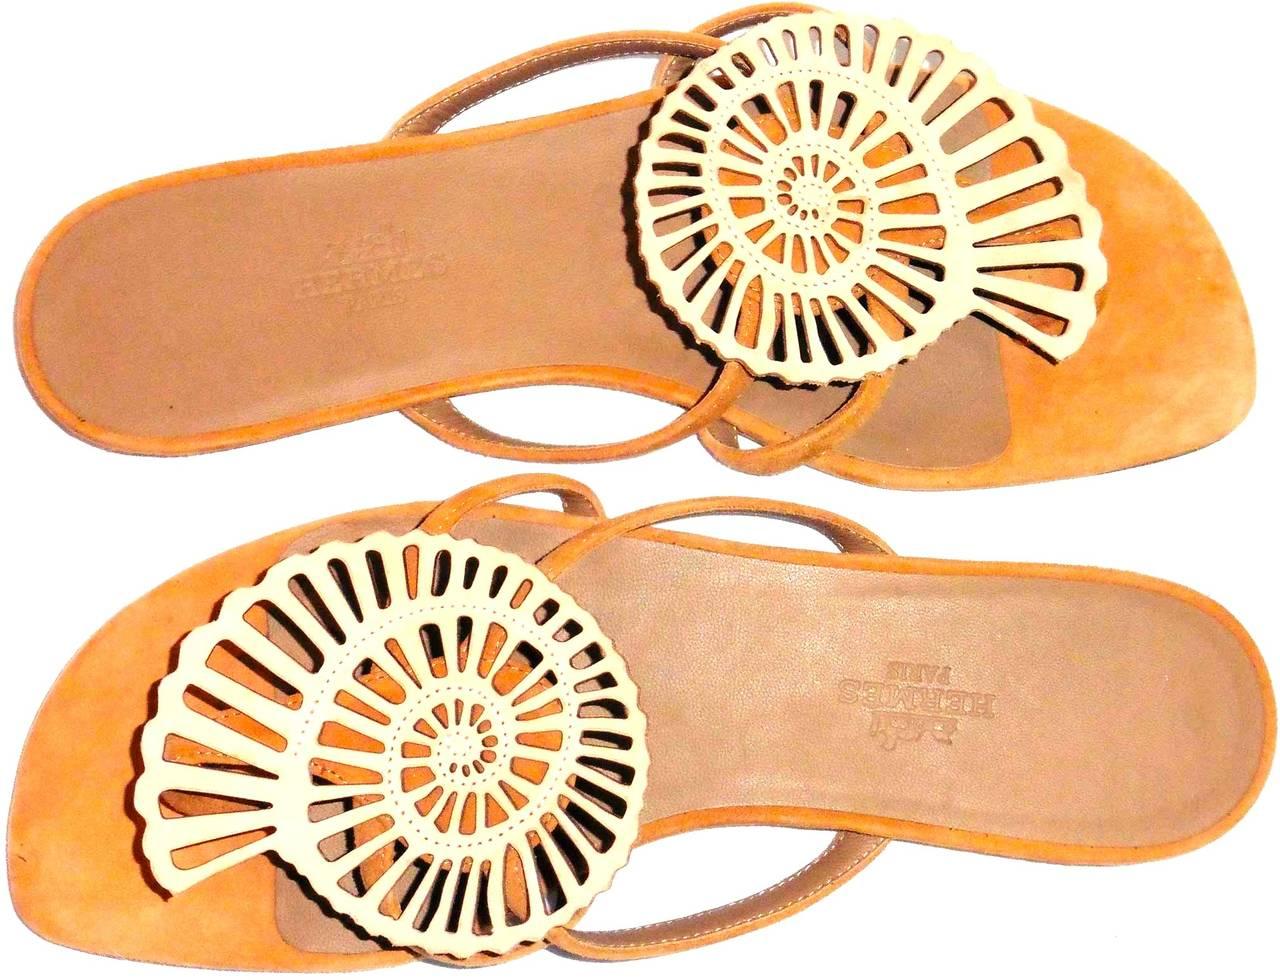 New HERMES  Sandals/Shoes - Beige Tan - Size 37  Nautilus 2